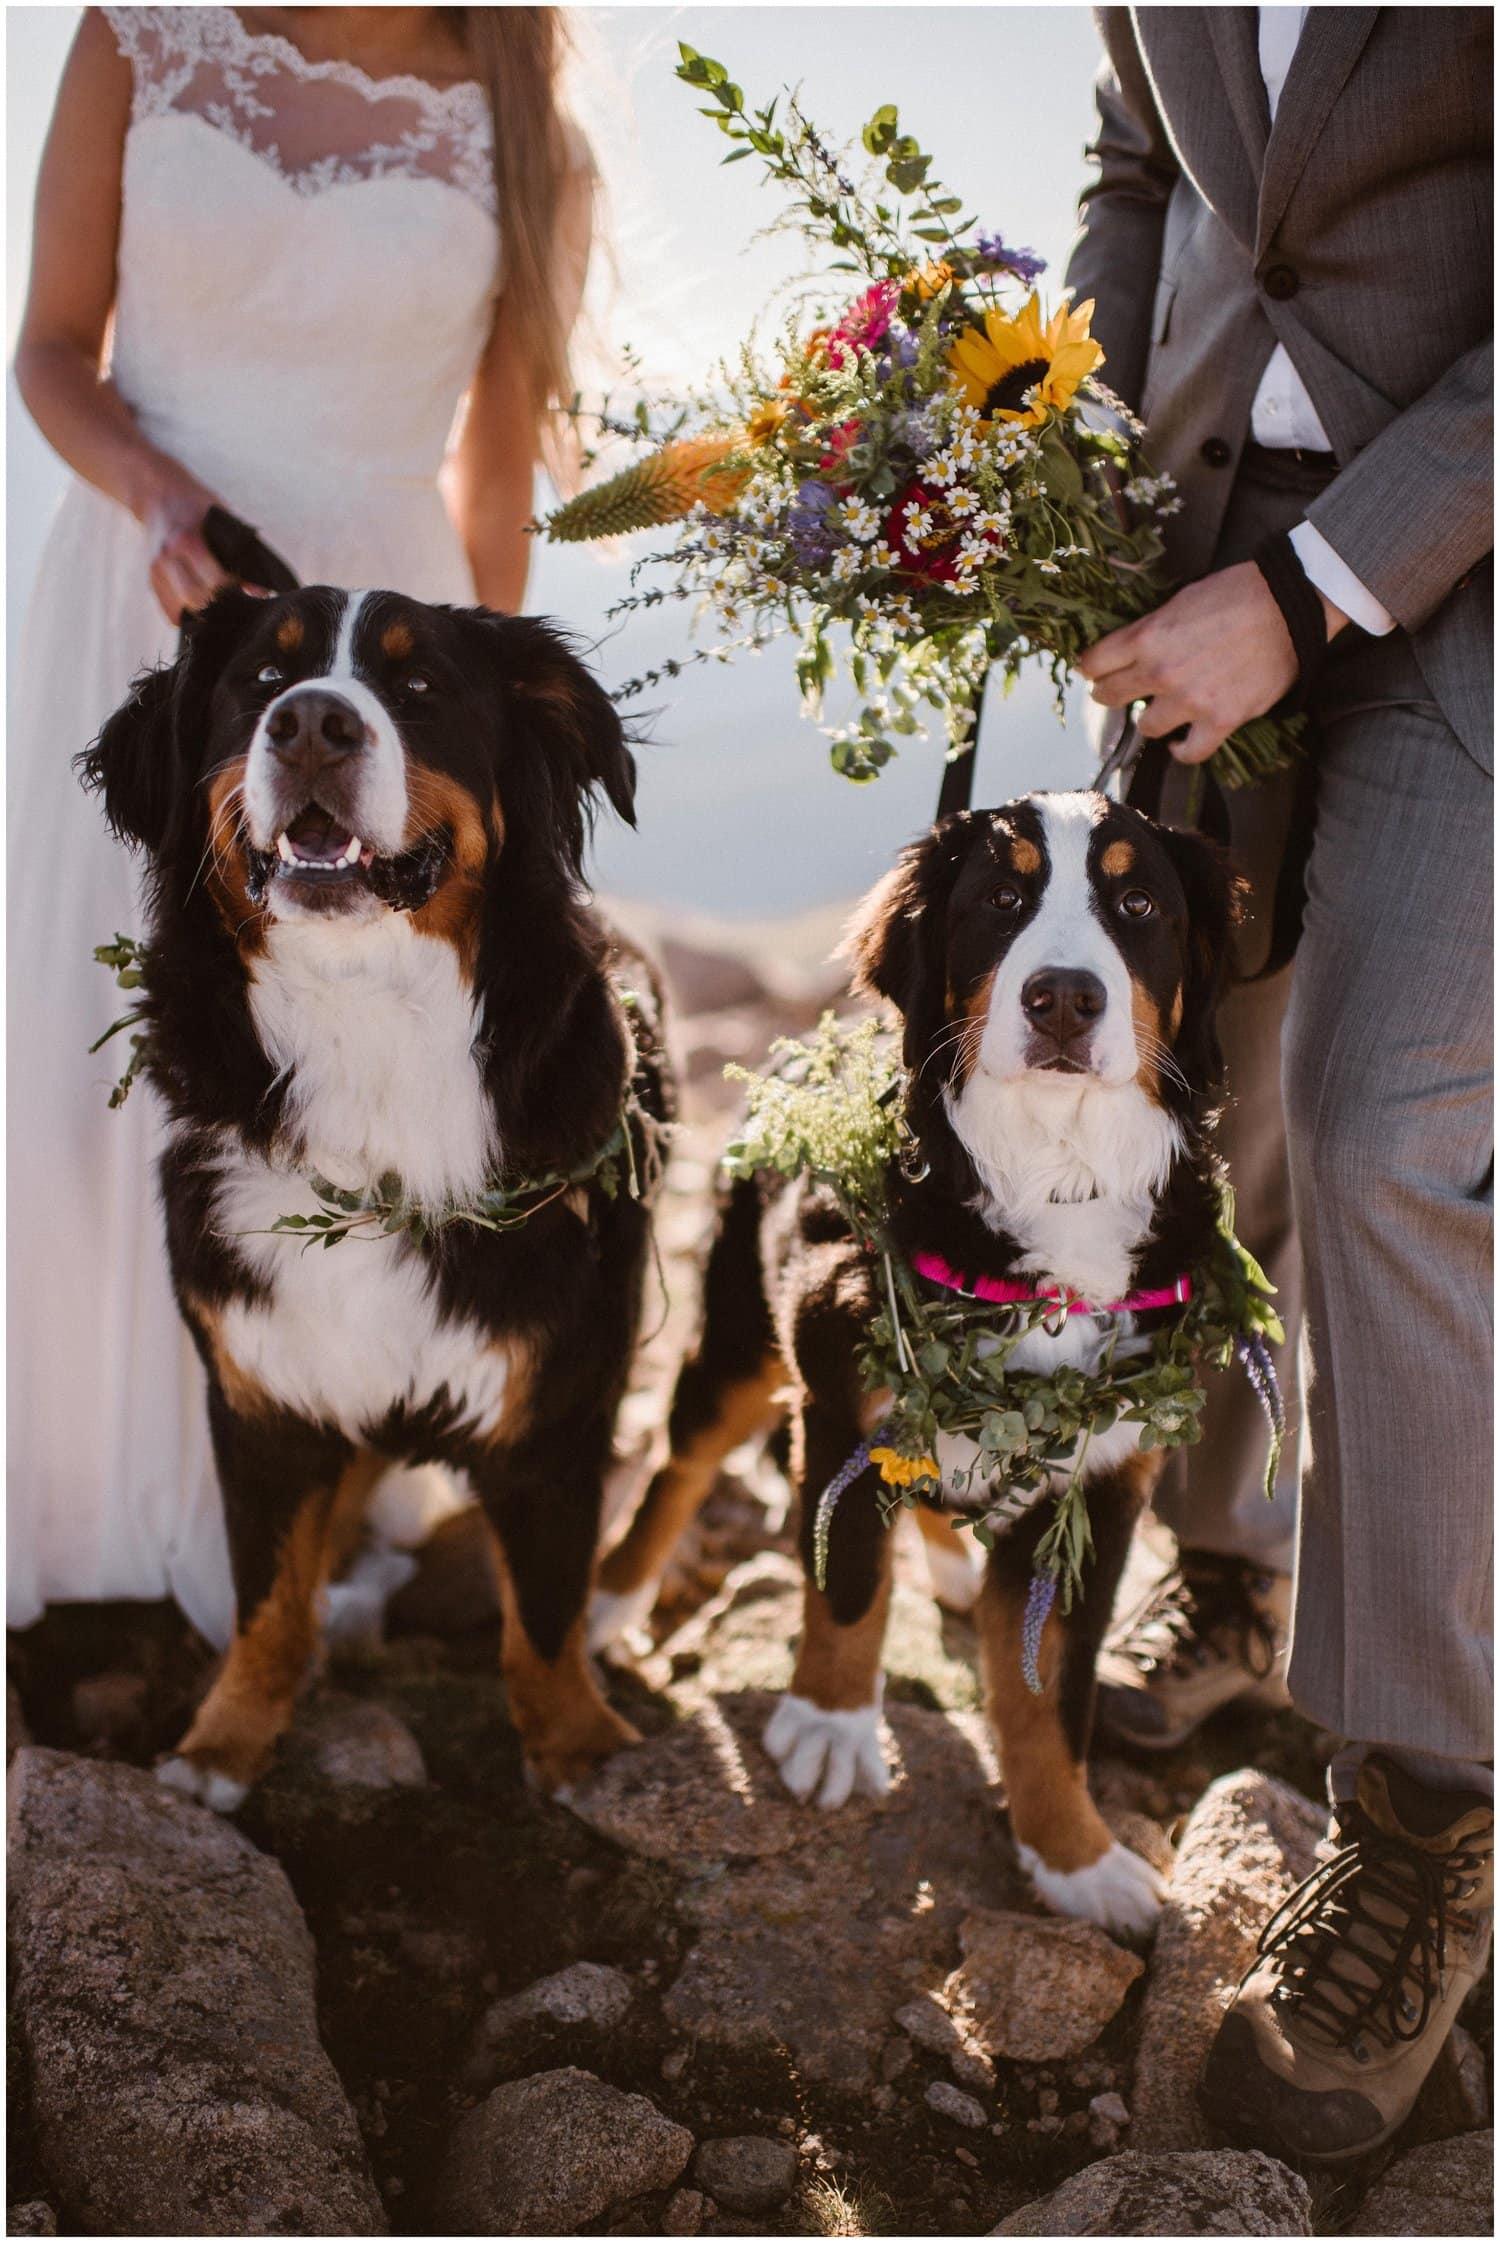 Two dogs wear flower garlands.